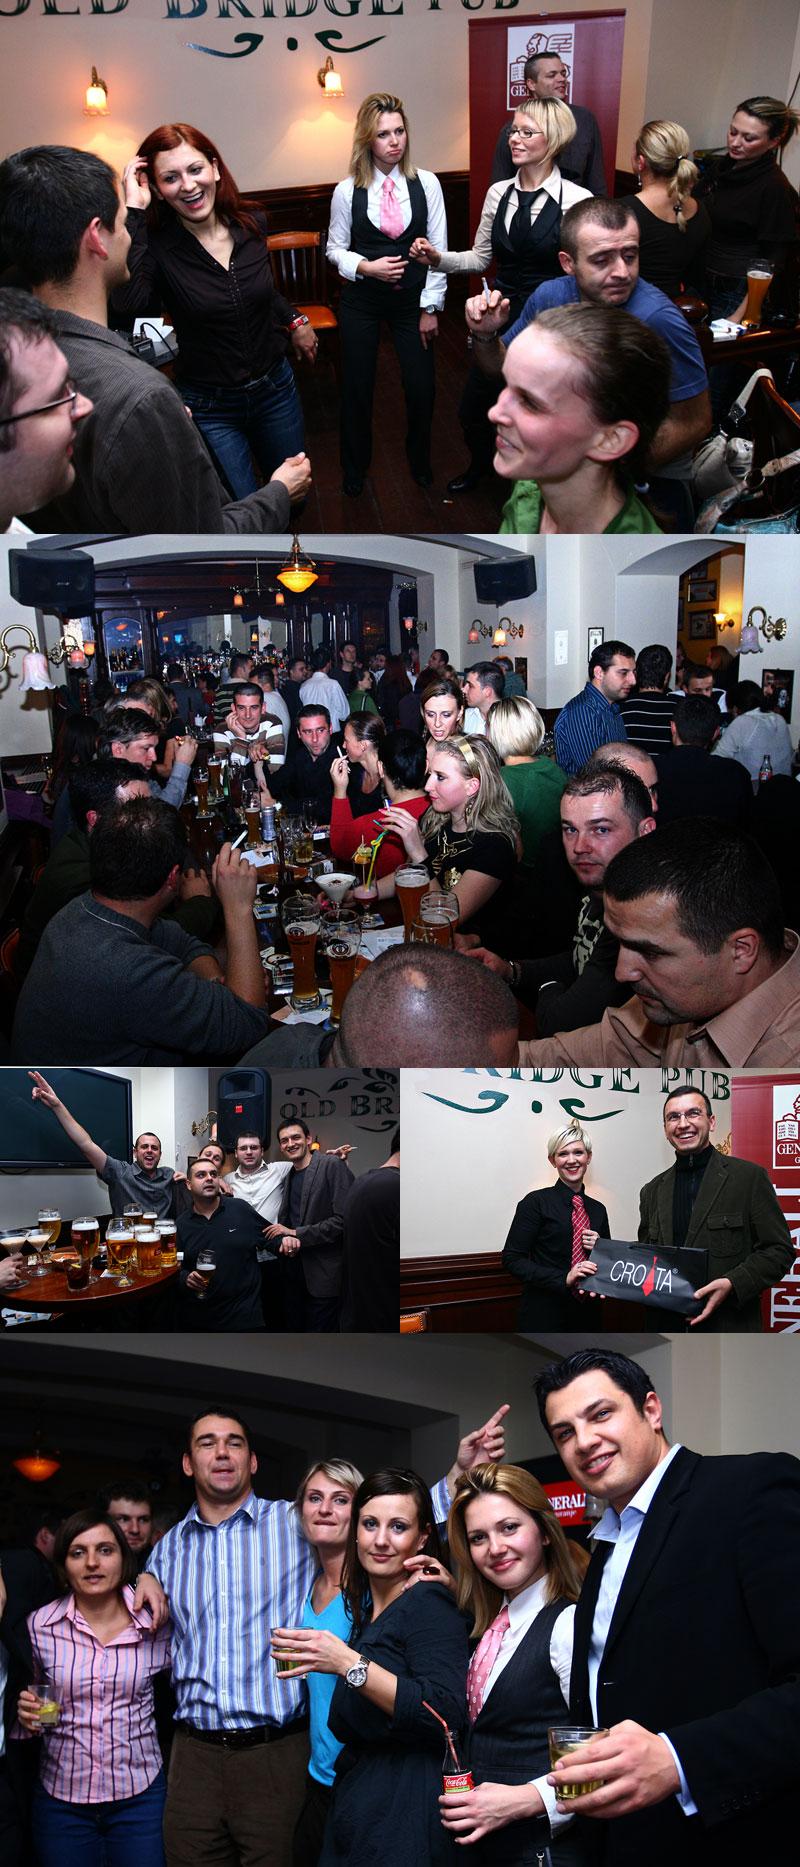 OBP: BIZparty  BIZdirekt: BIZparty, Old Bridge Pub, petak 26.10.2007.  Foto: Jelena Rašić  Ključne riječi: bizdirekt bizparty obp